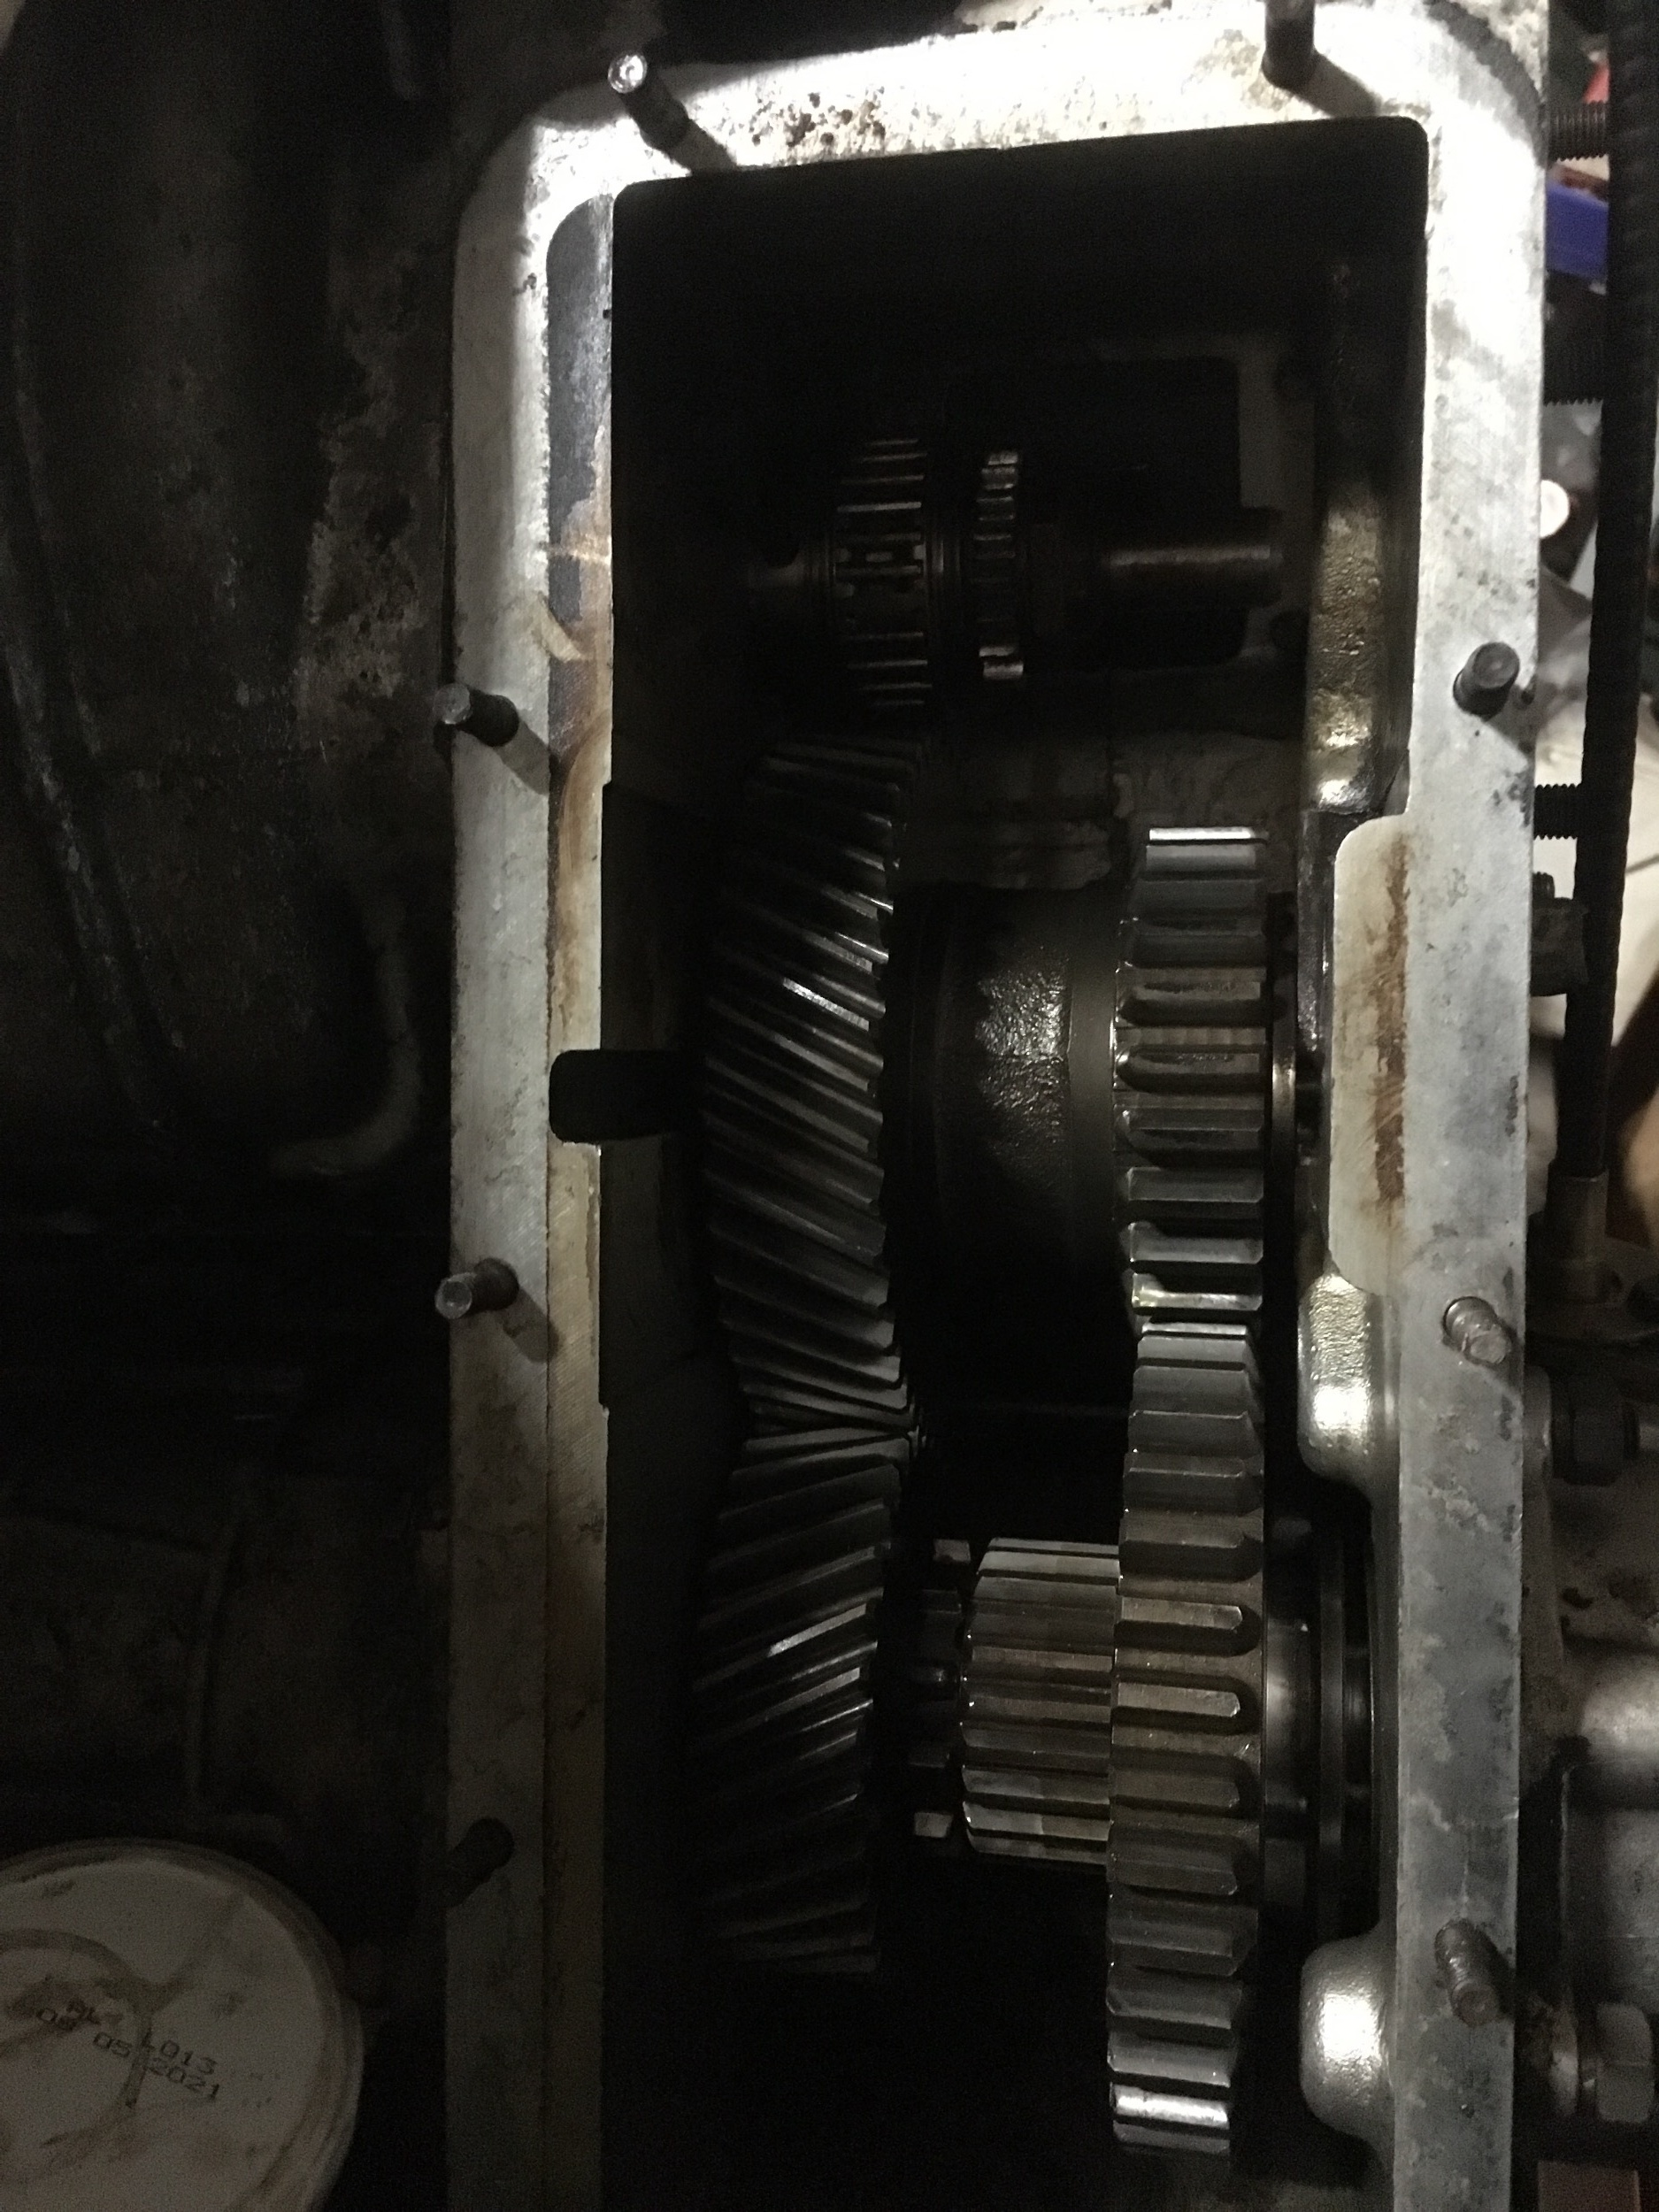 1767FE1A-D444-4789-BA05-EE3A402284FA.jpeg